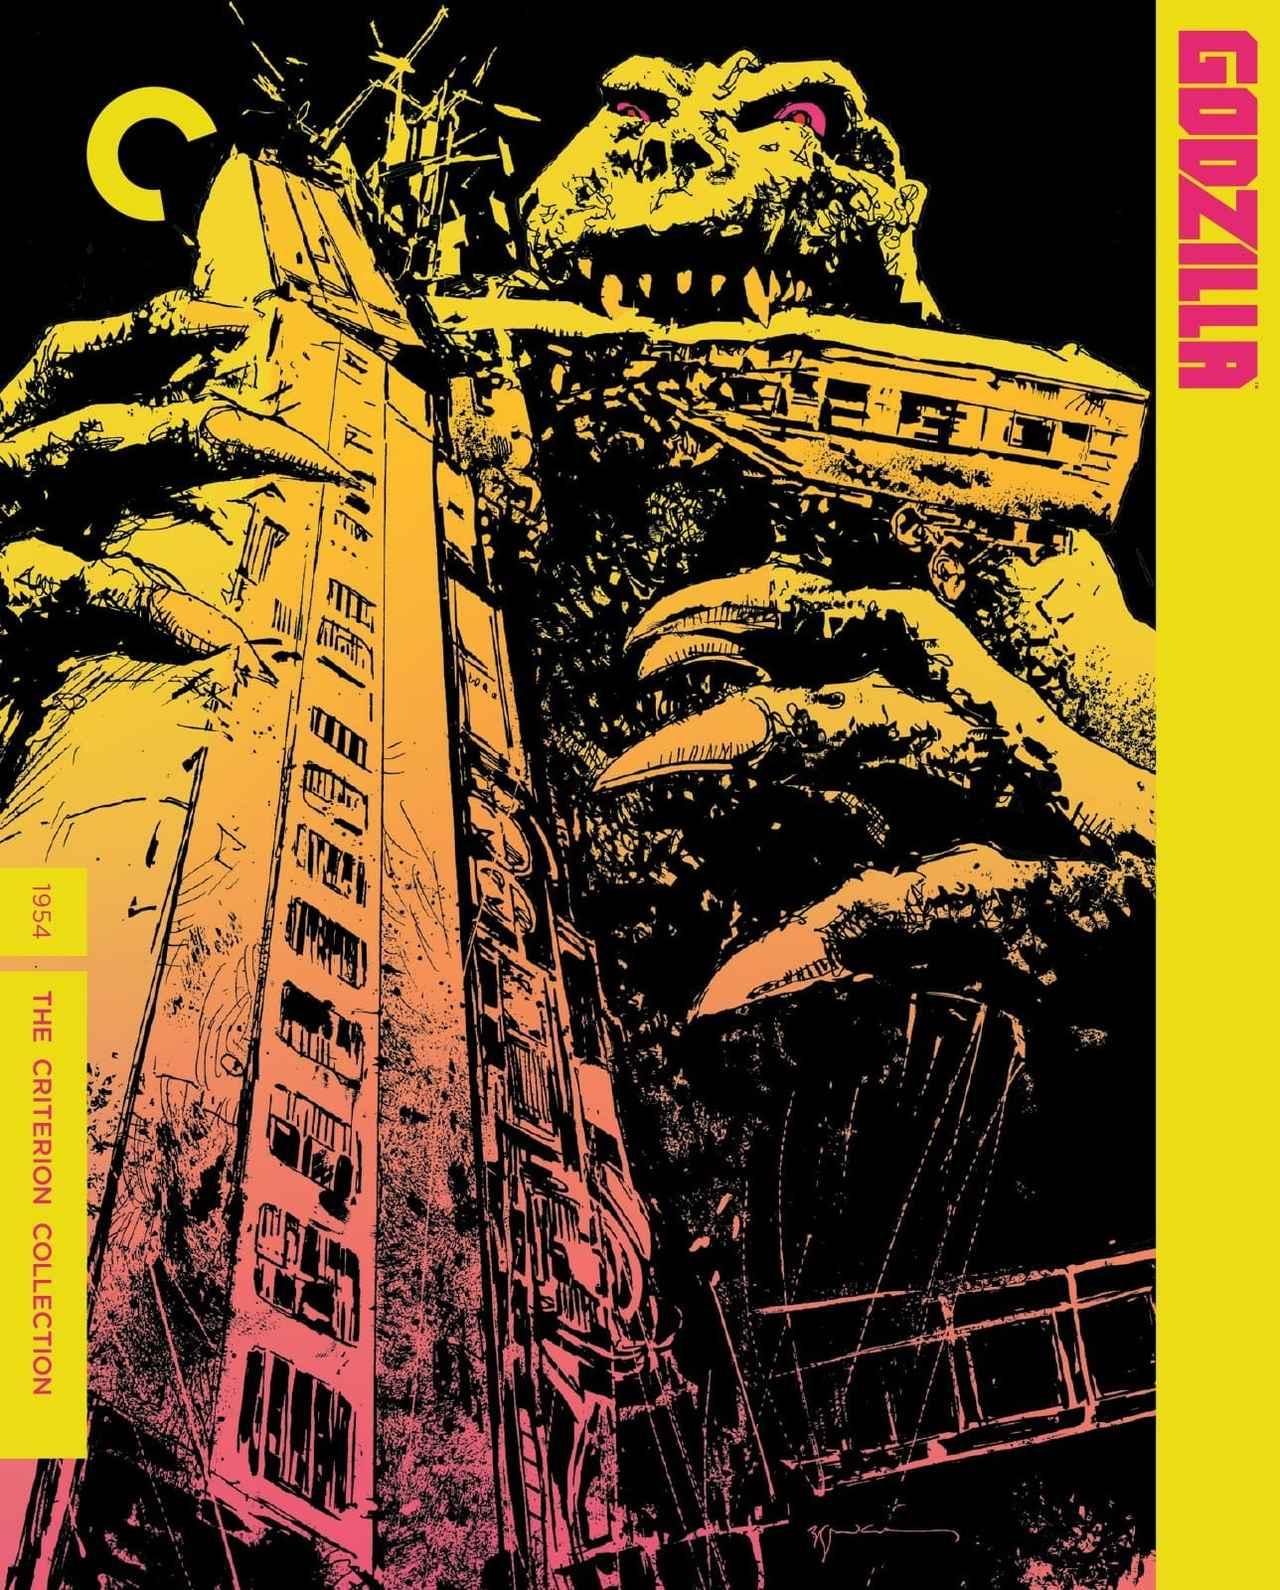 画像: ゴジラ(1954) シリーズ第1作/怪獣王ゴジラ(1956) シリーズ第1作改訂版